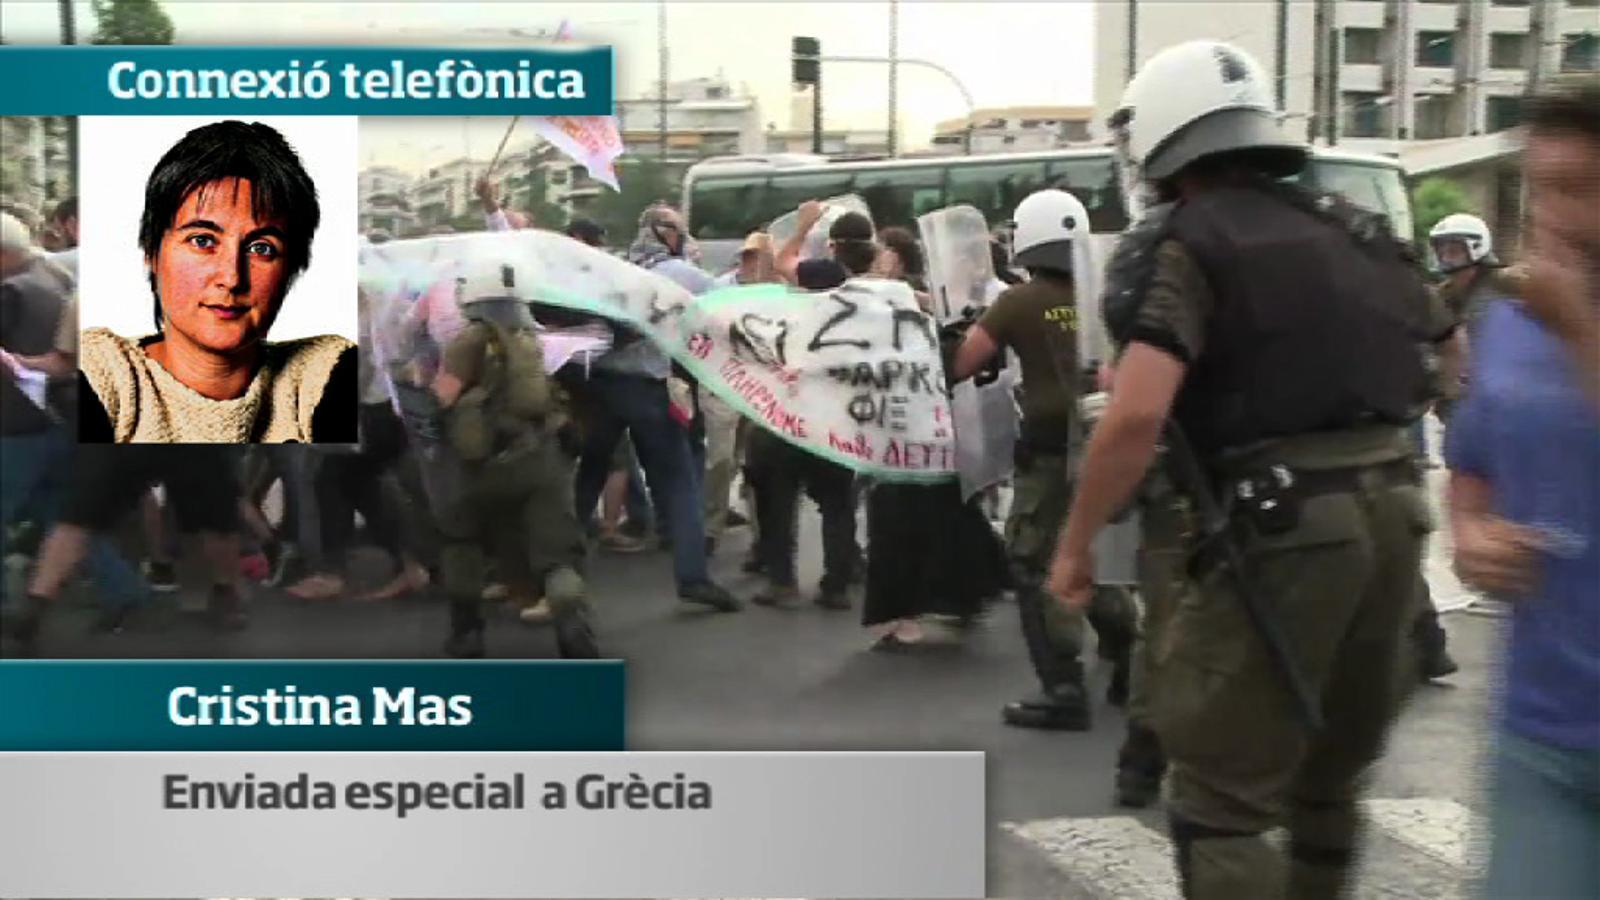 Un 'indignat' grec a l'enviada especial de l'ARA: No podem dir el que pensem públicament. No  som lliures.